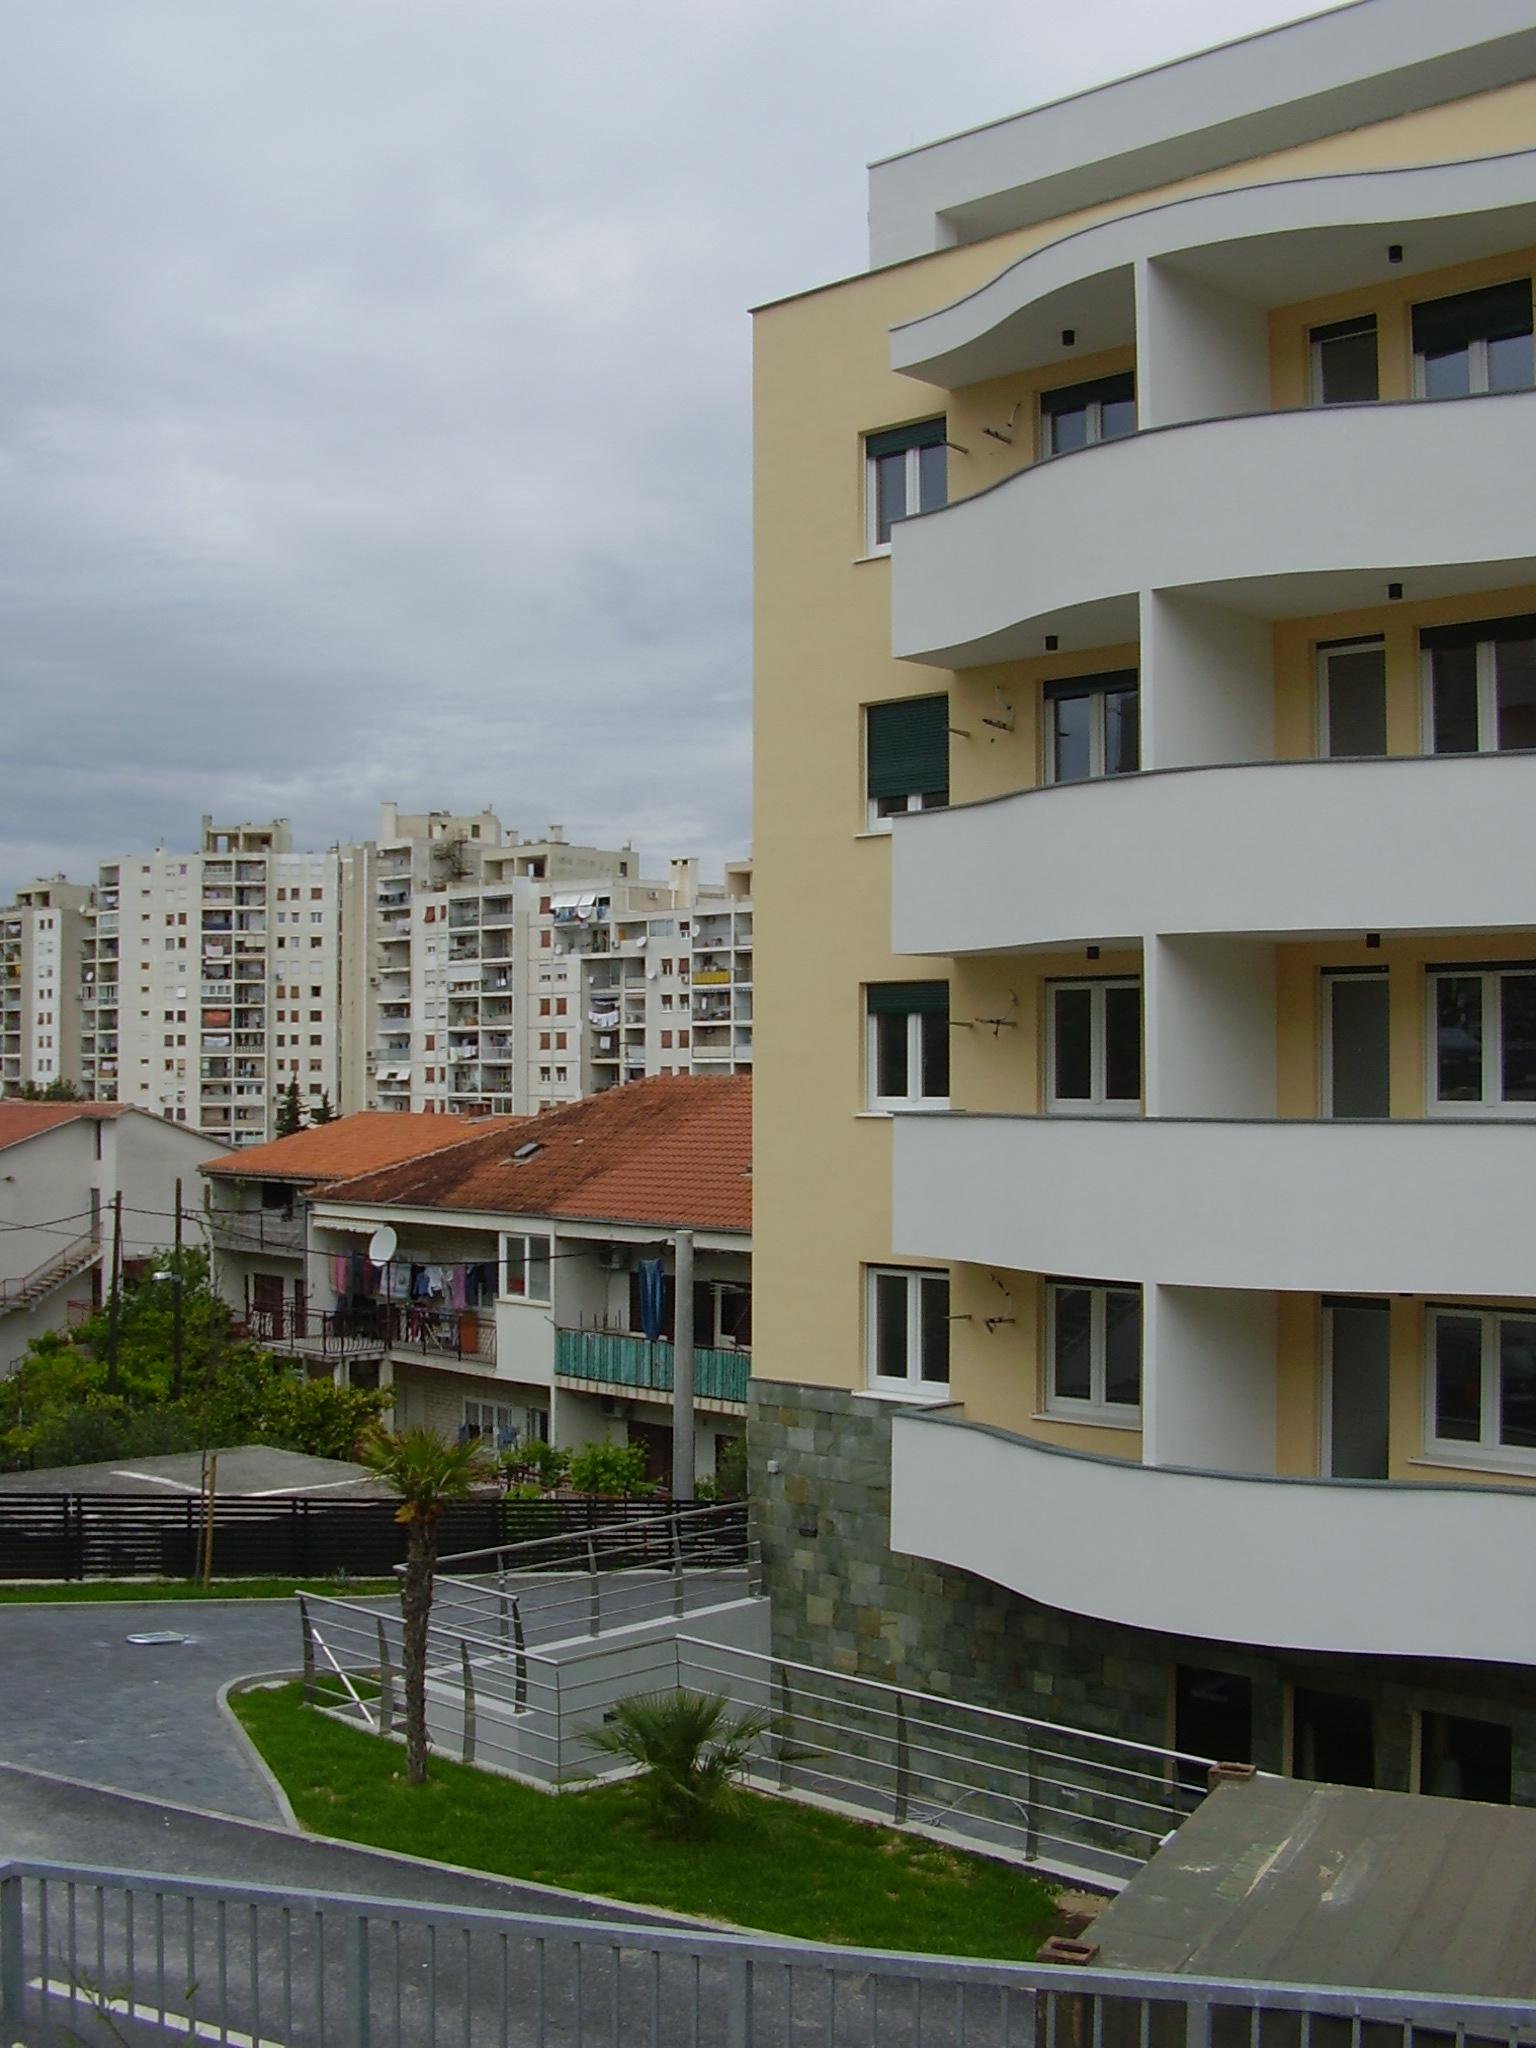 Zora Vukovarska